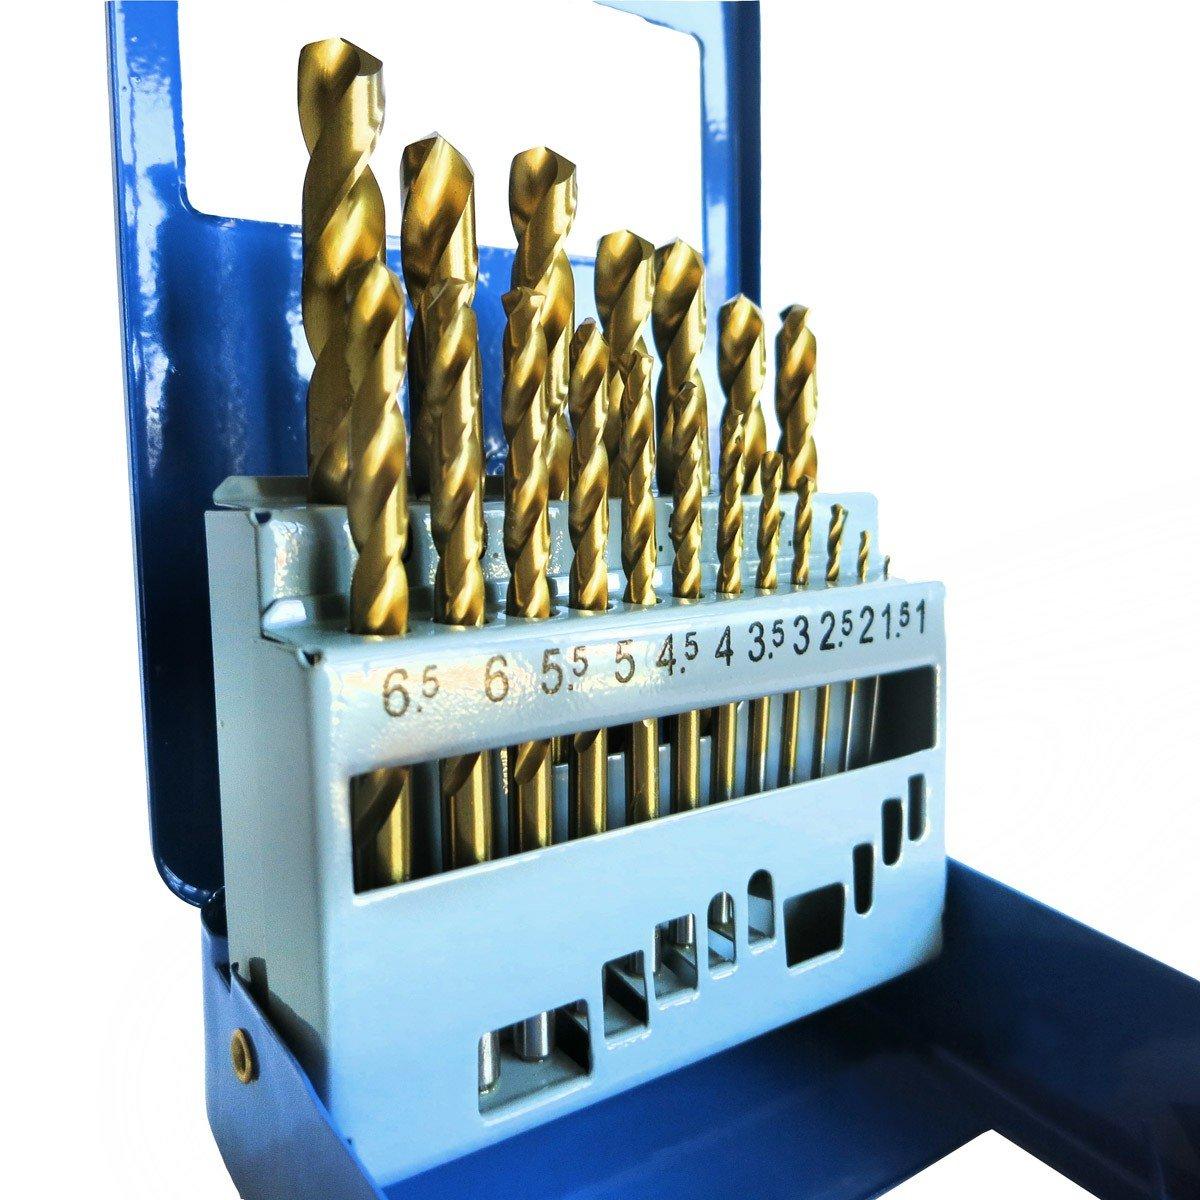 S/&R Juego 23 Brocas para Metal Acero HSS Madera Hormig/ón Piedra Caja en Metal Profesional